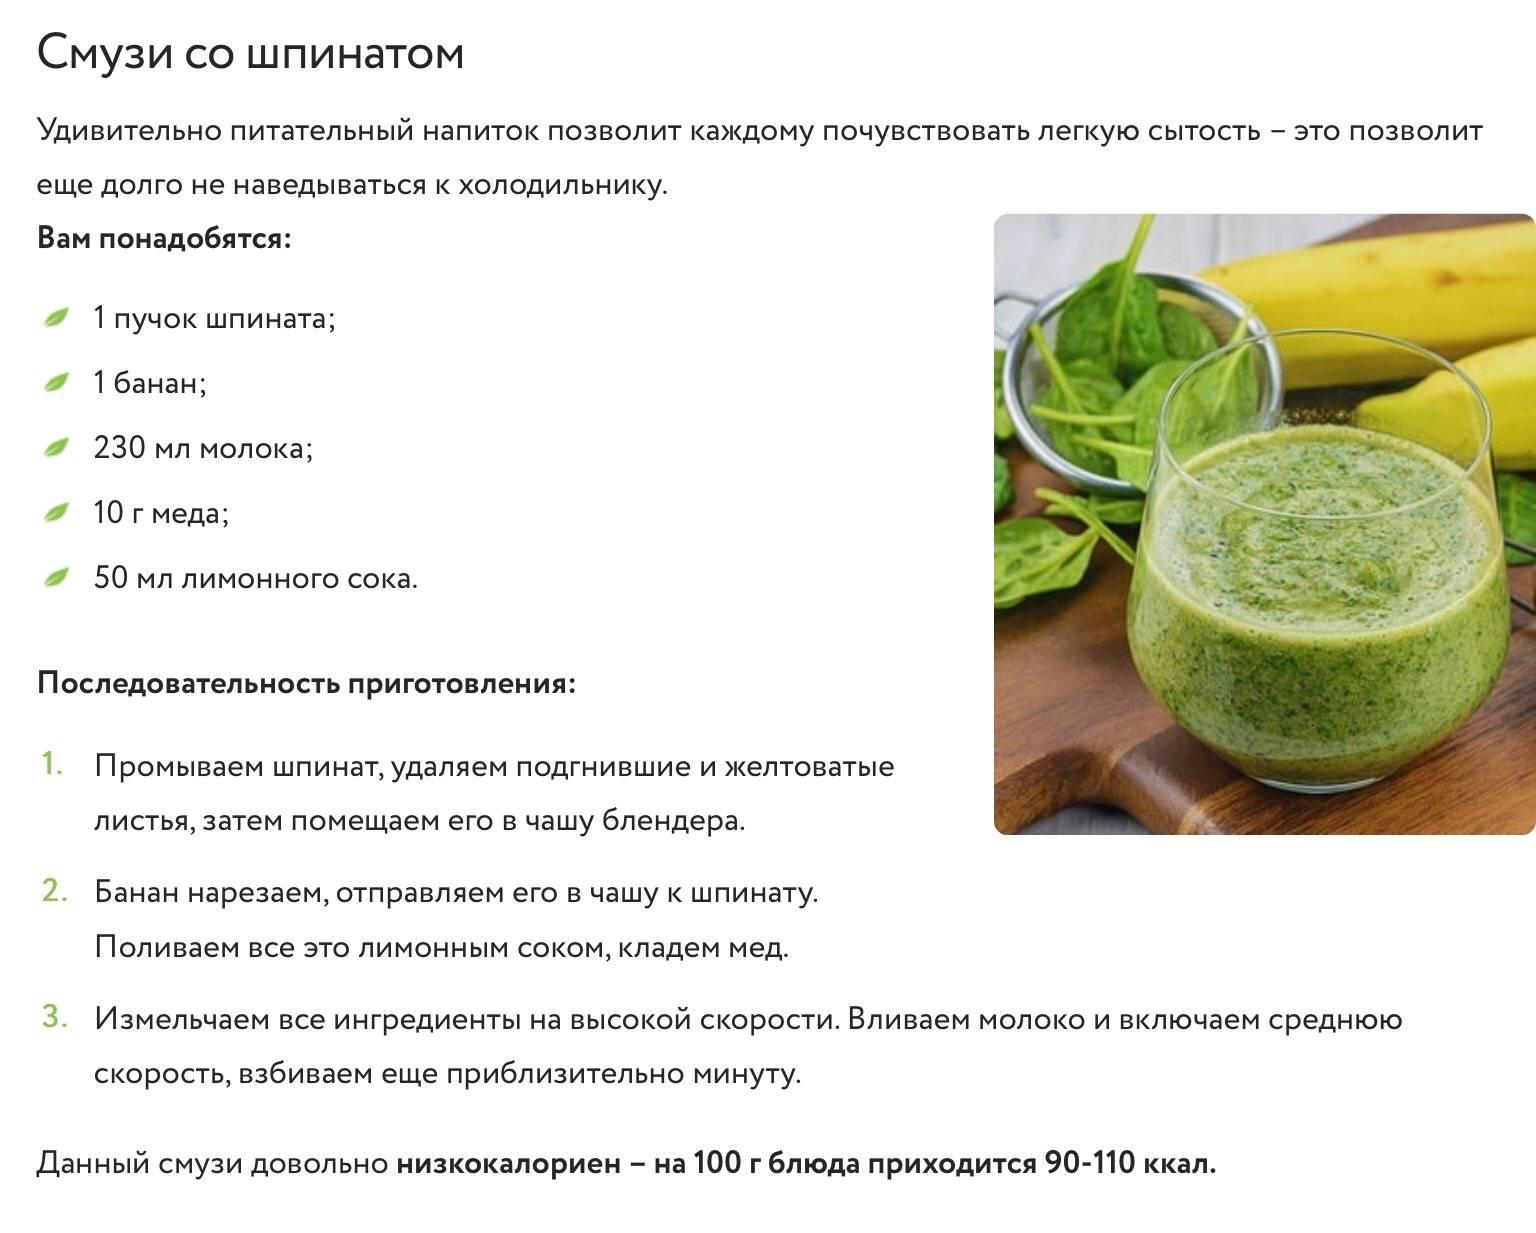 Шпинат. польза и вред, рецепты. как едят шпинат